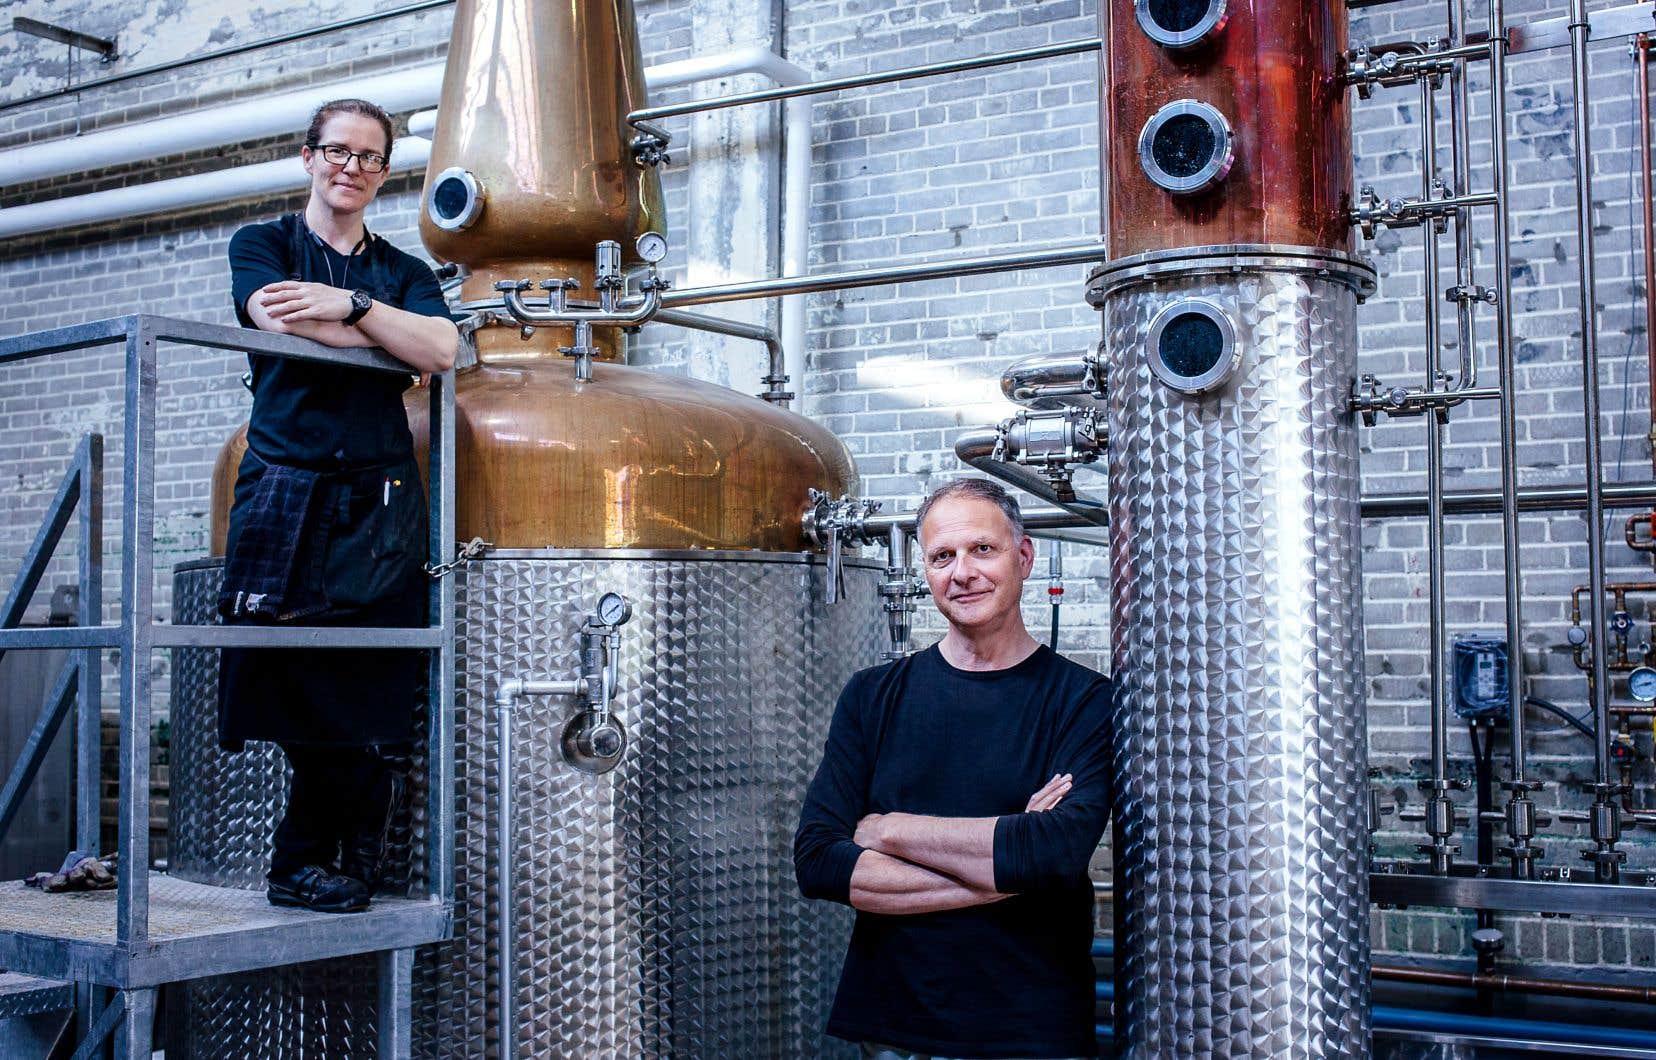 Cirka, située dans un bâtiment industriel de Saint-Henri à Montréal, est en activité depuis 2015. Son fondateur, Paul Cirka, est ici en compagnie d'Isabelle Rochette, distillatrice.